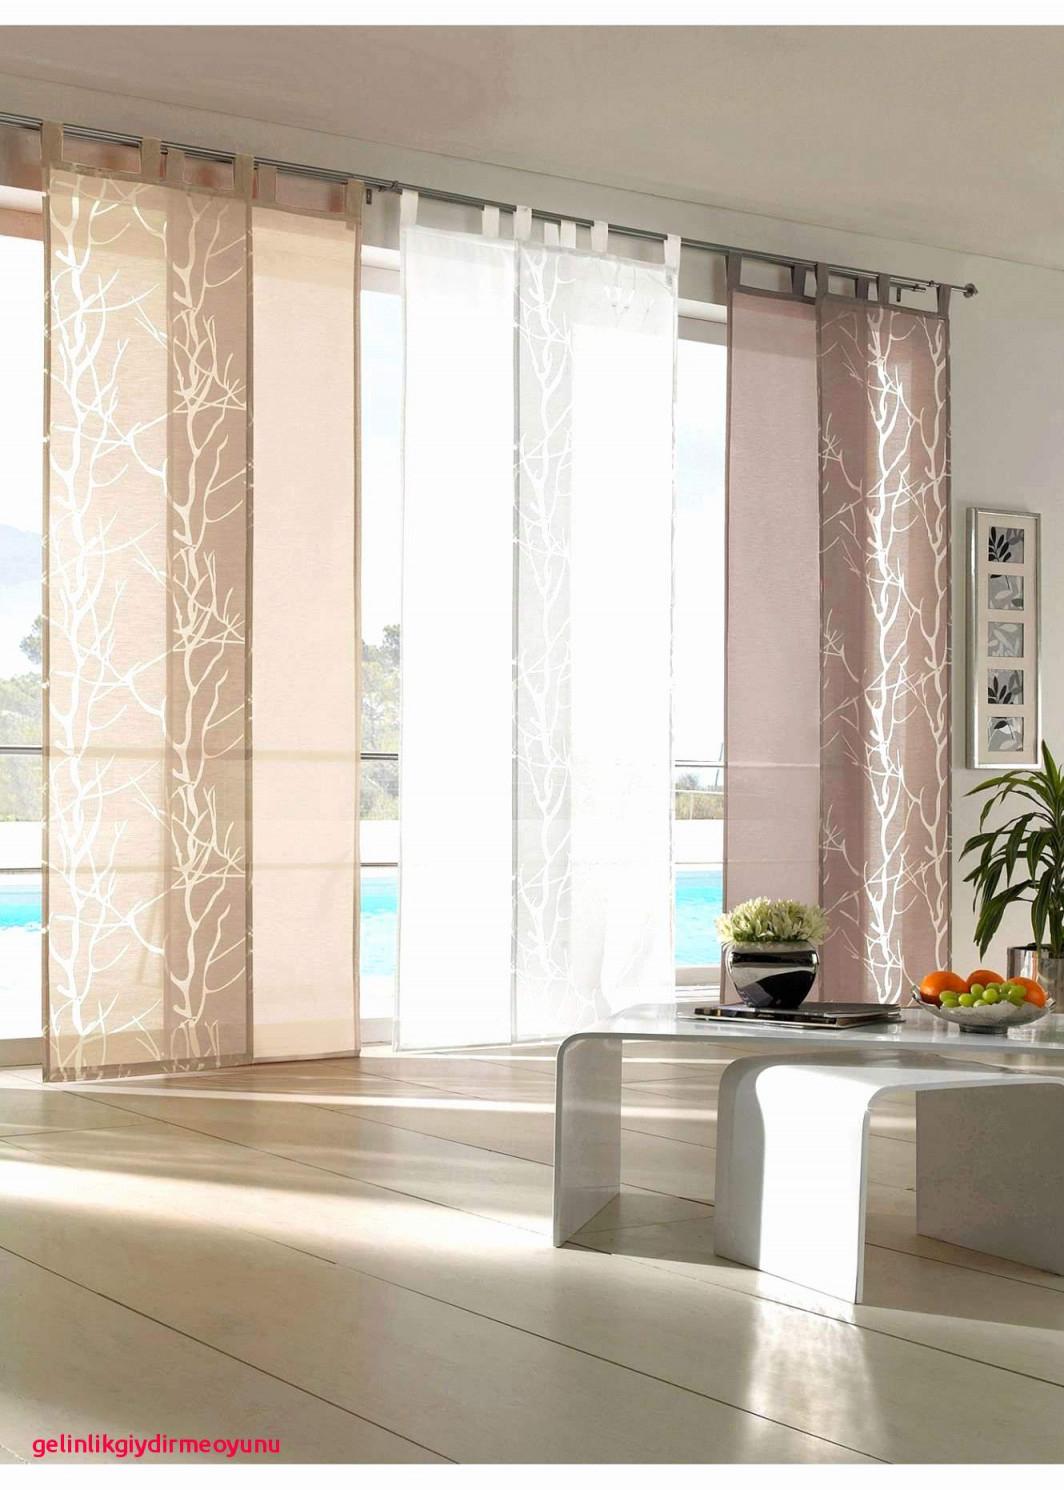 28 Einzigartig Kurze Gardinen Wohnzimmer Das Beste Von von Streifen Gardinen Wohnzimmer Bild